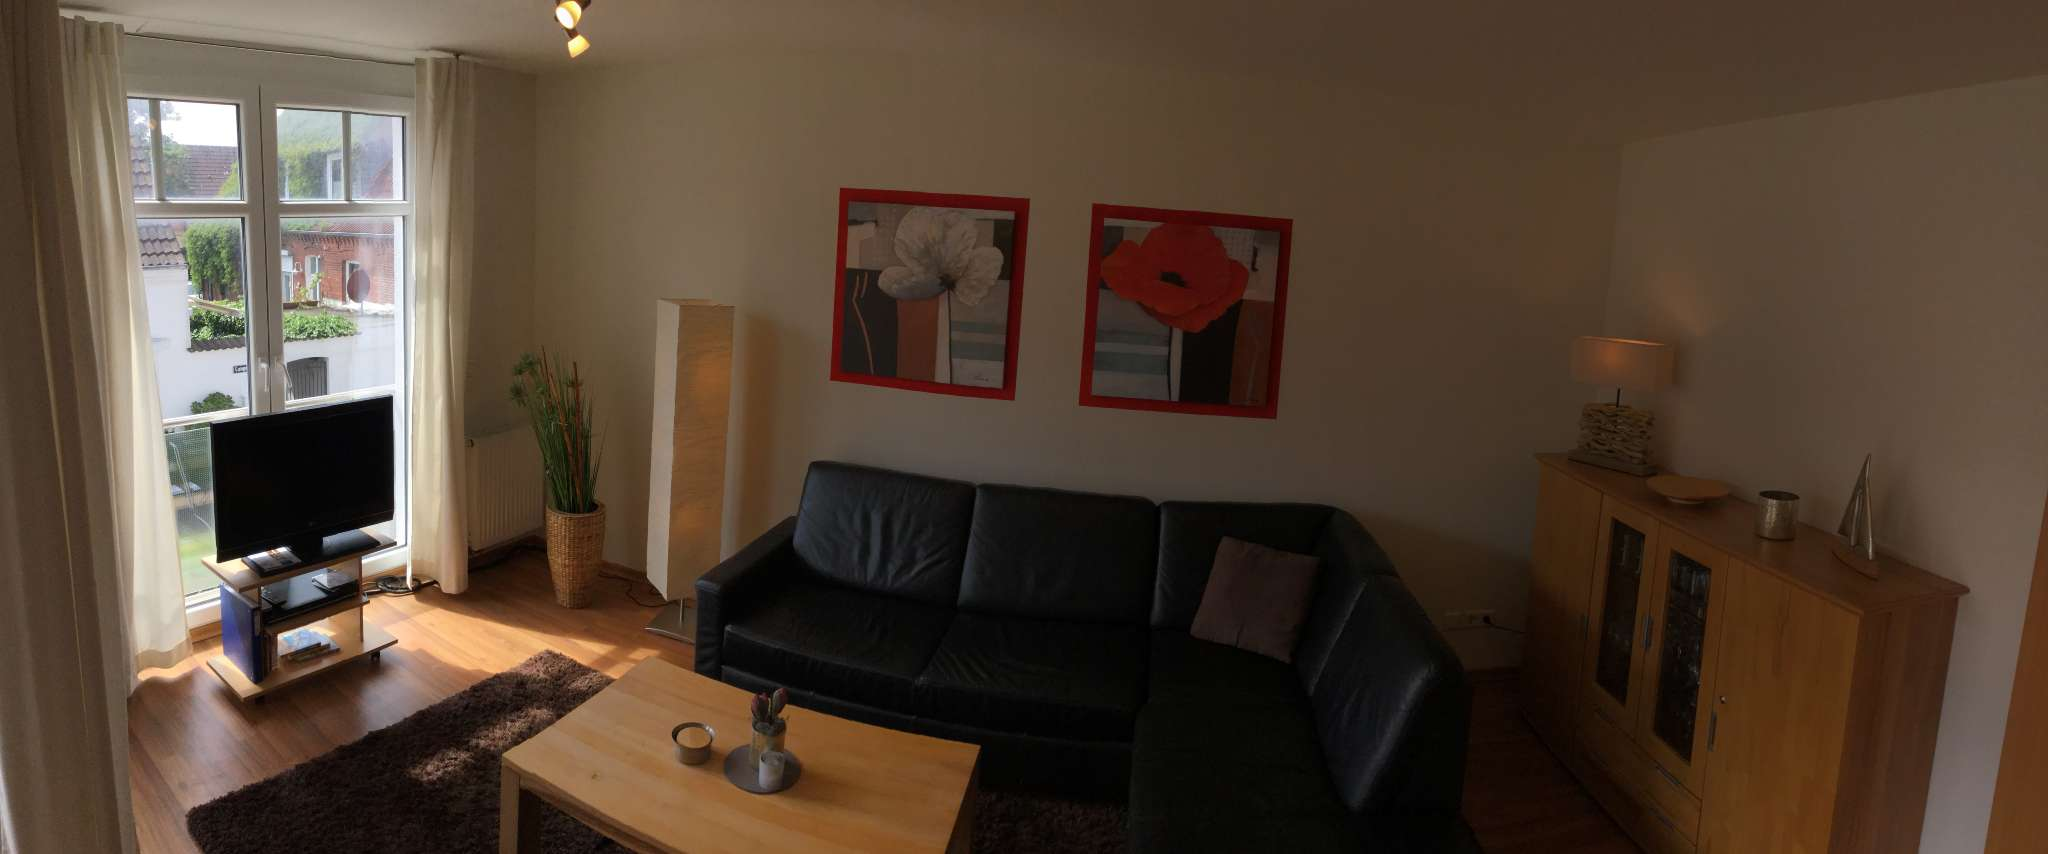 Zusatzbild Nr. 02 von Ferienwohnung Haus Ruth